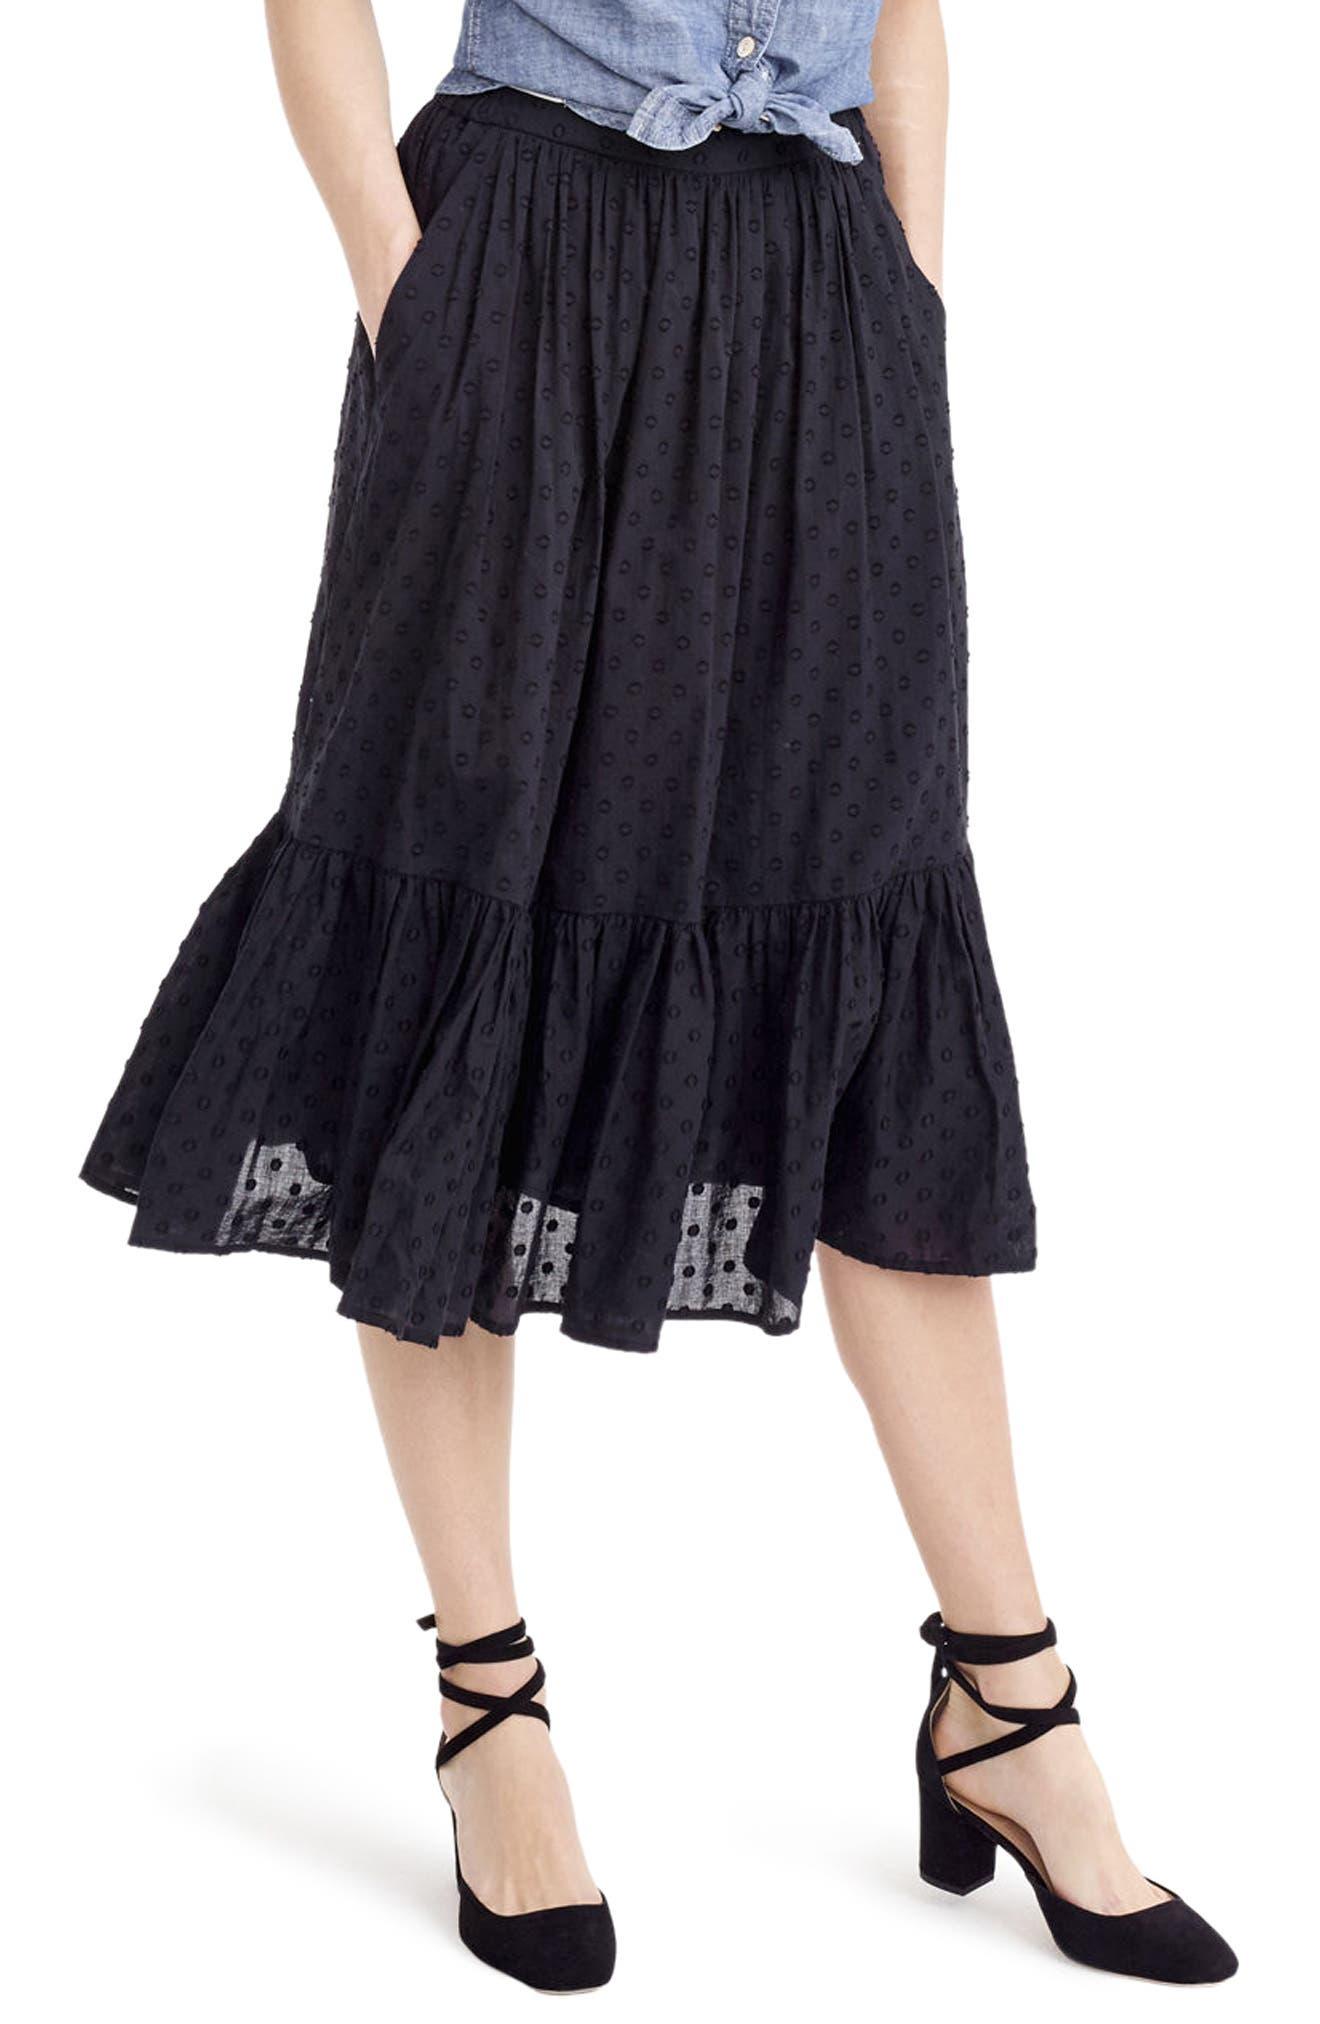 Alternate Image 1 Selected - J.Crew Baluster Clip Dot Skirt (Regular & Petite)